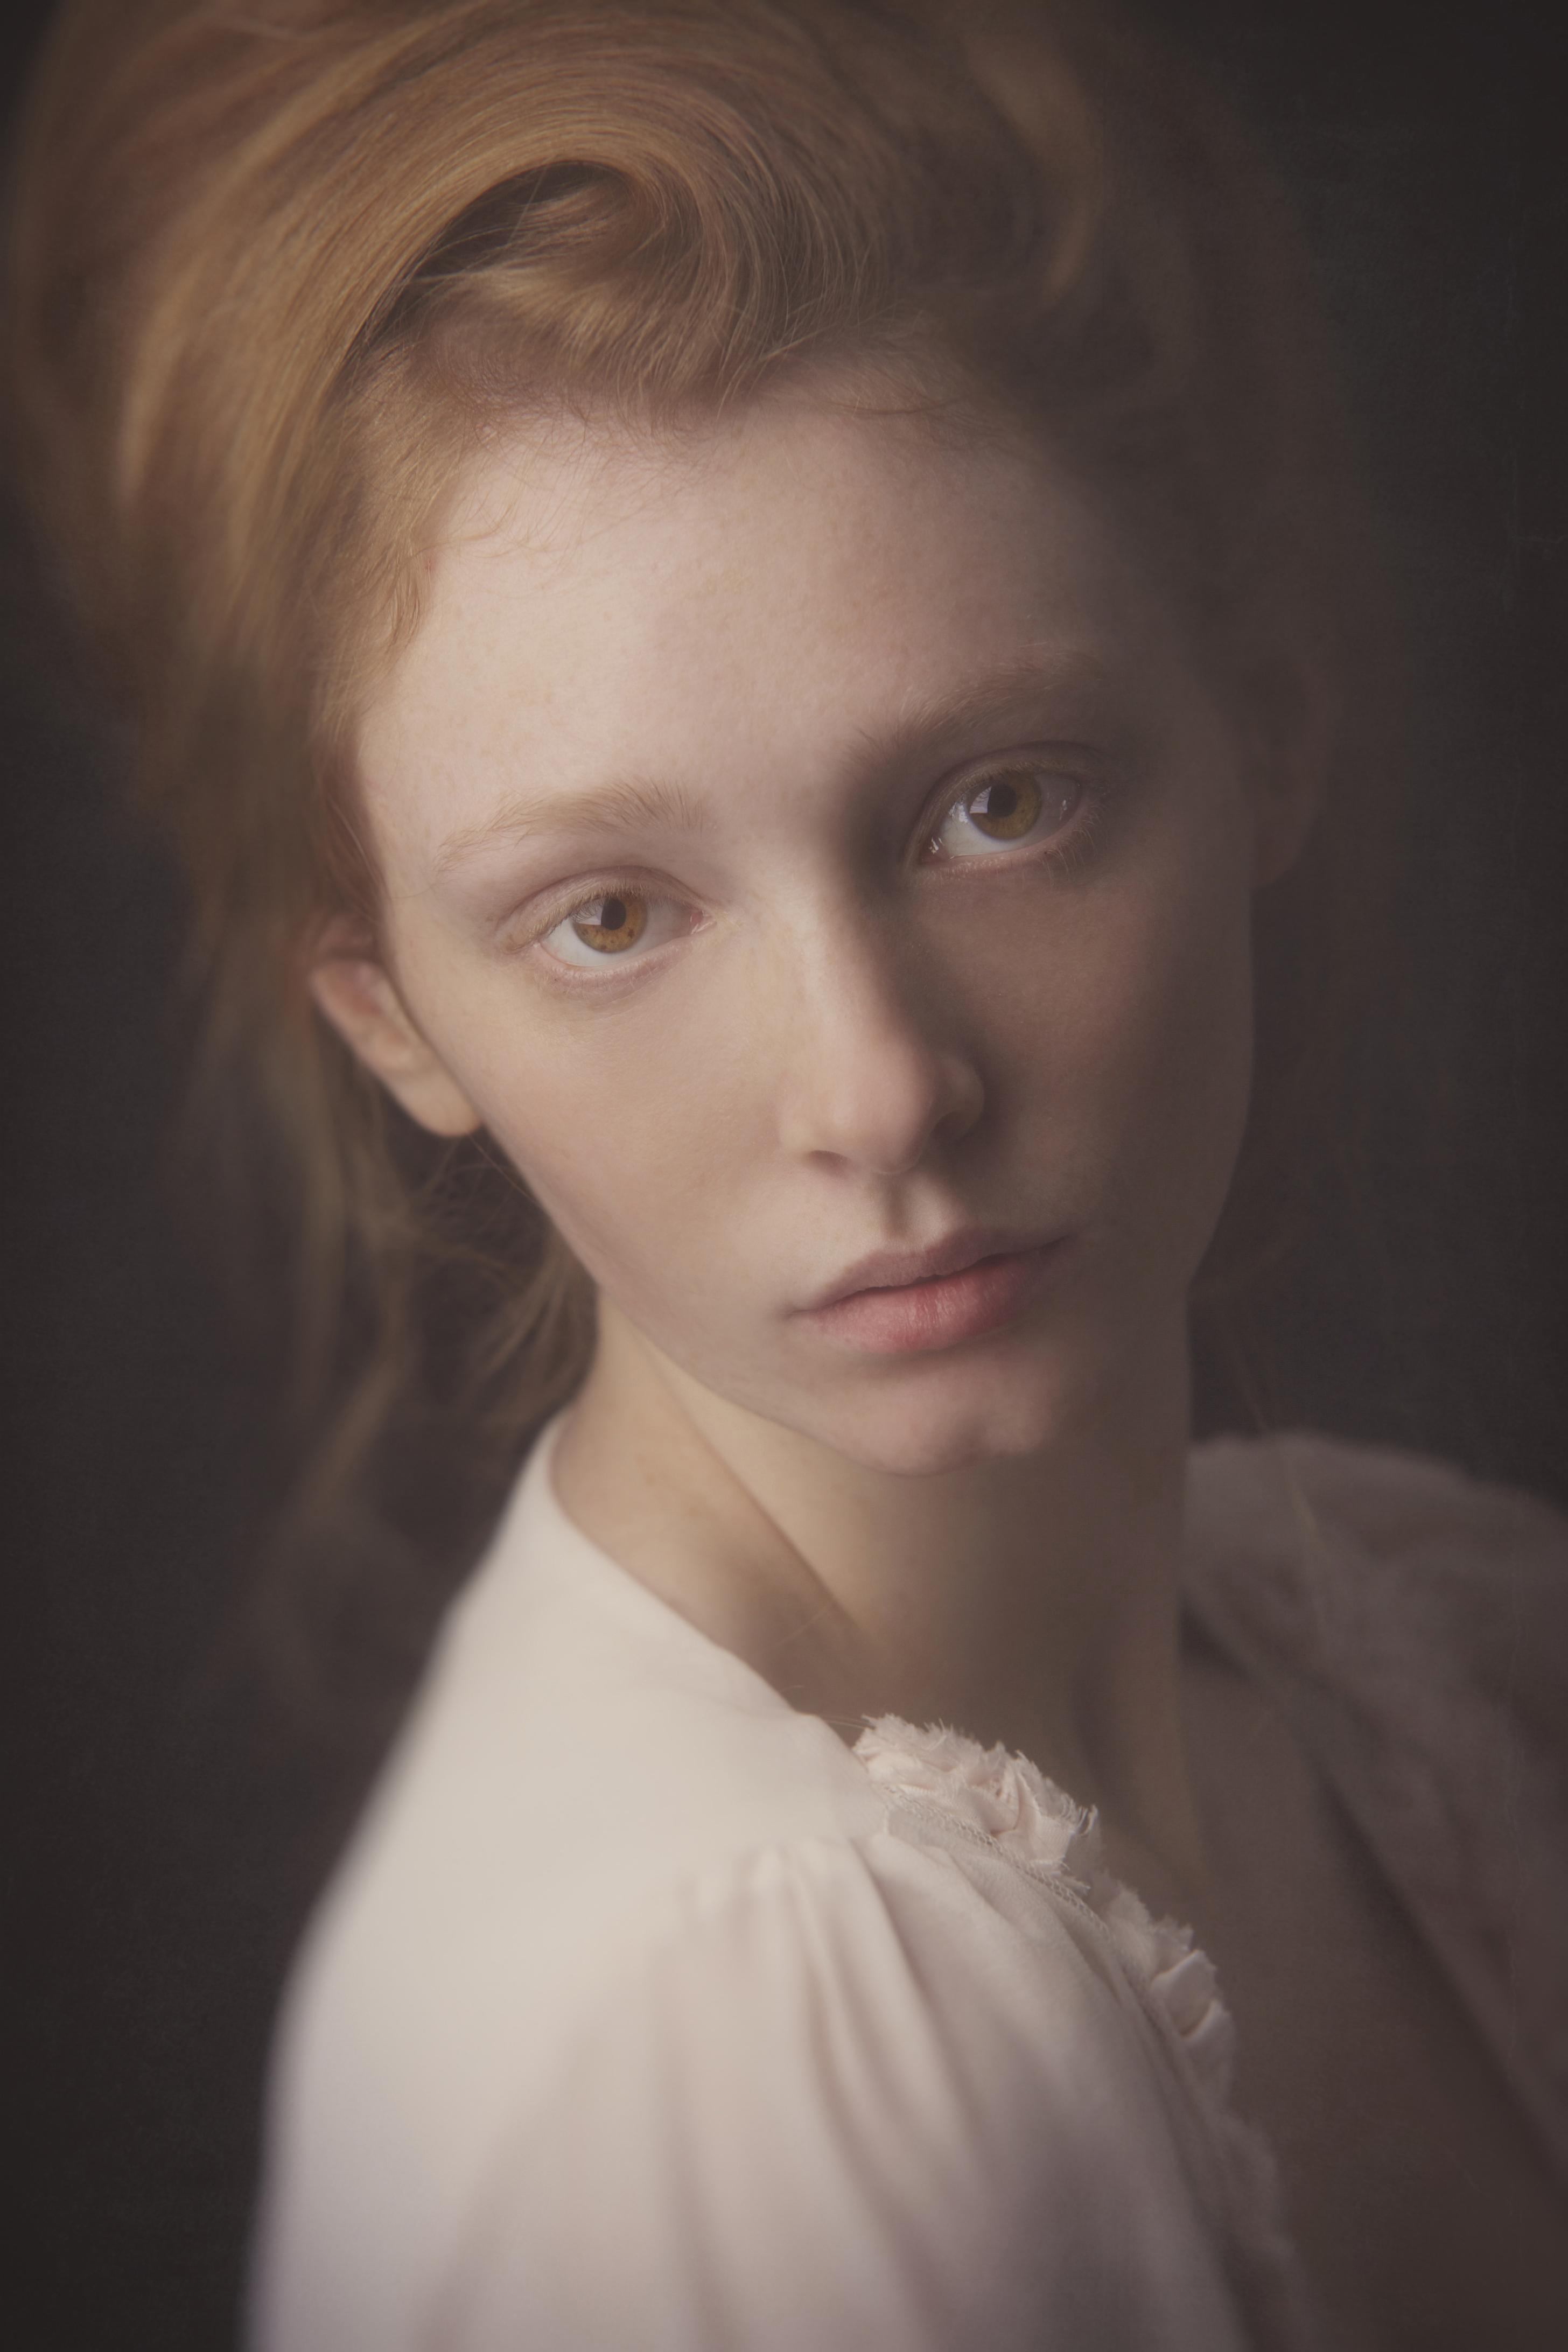 photographe portrait tours studio femme famille